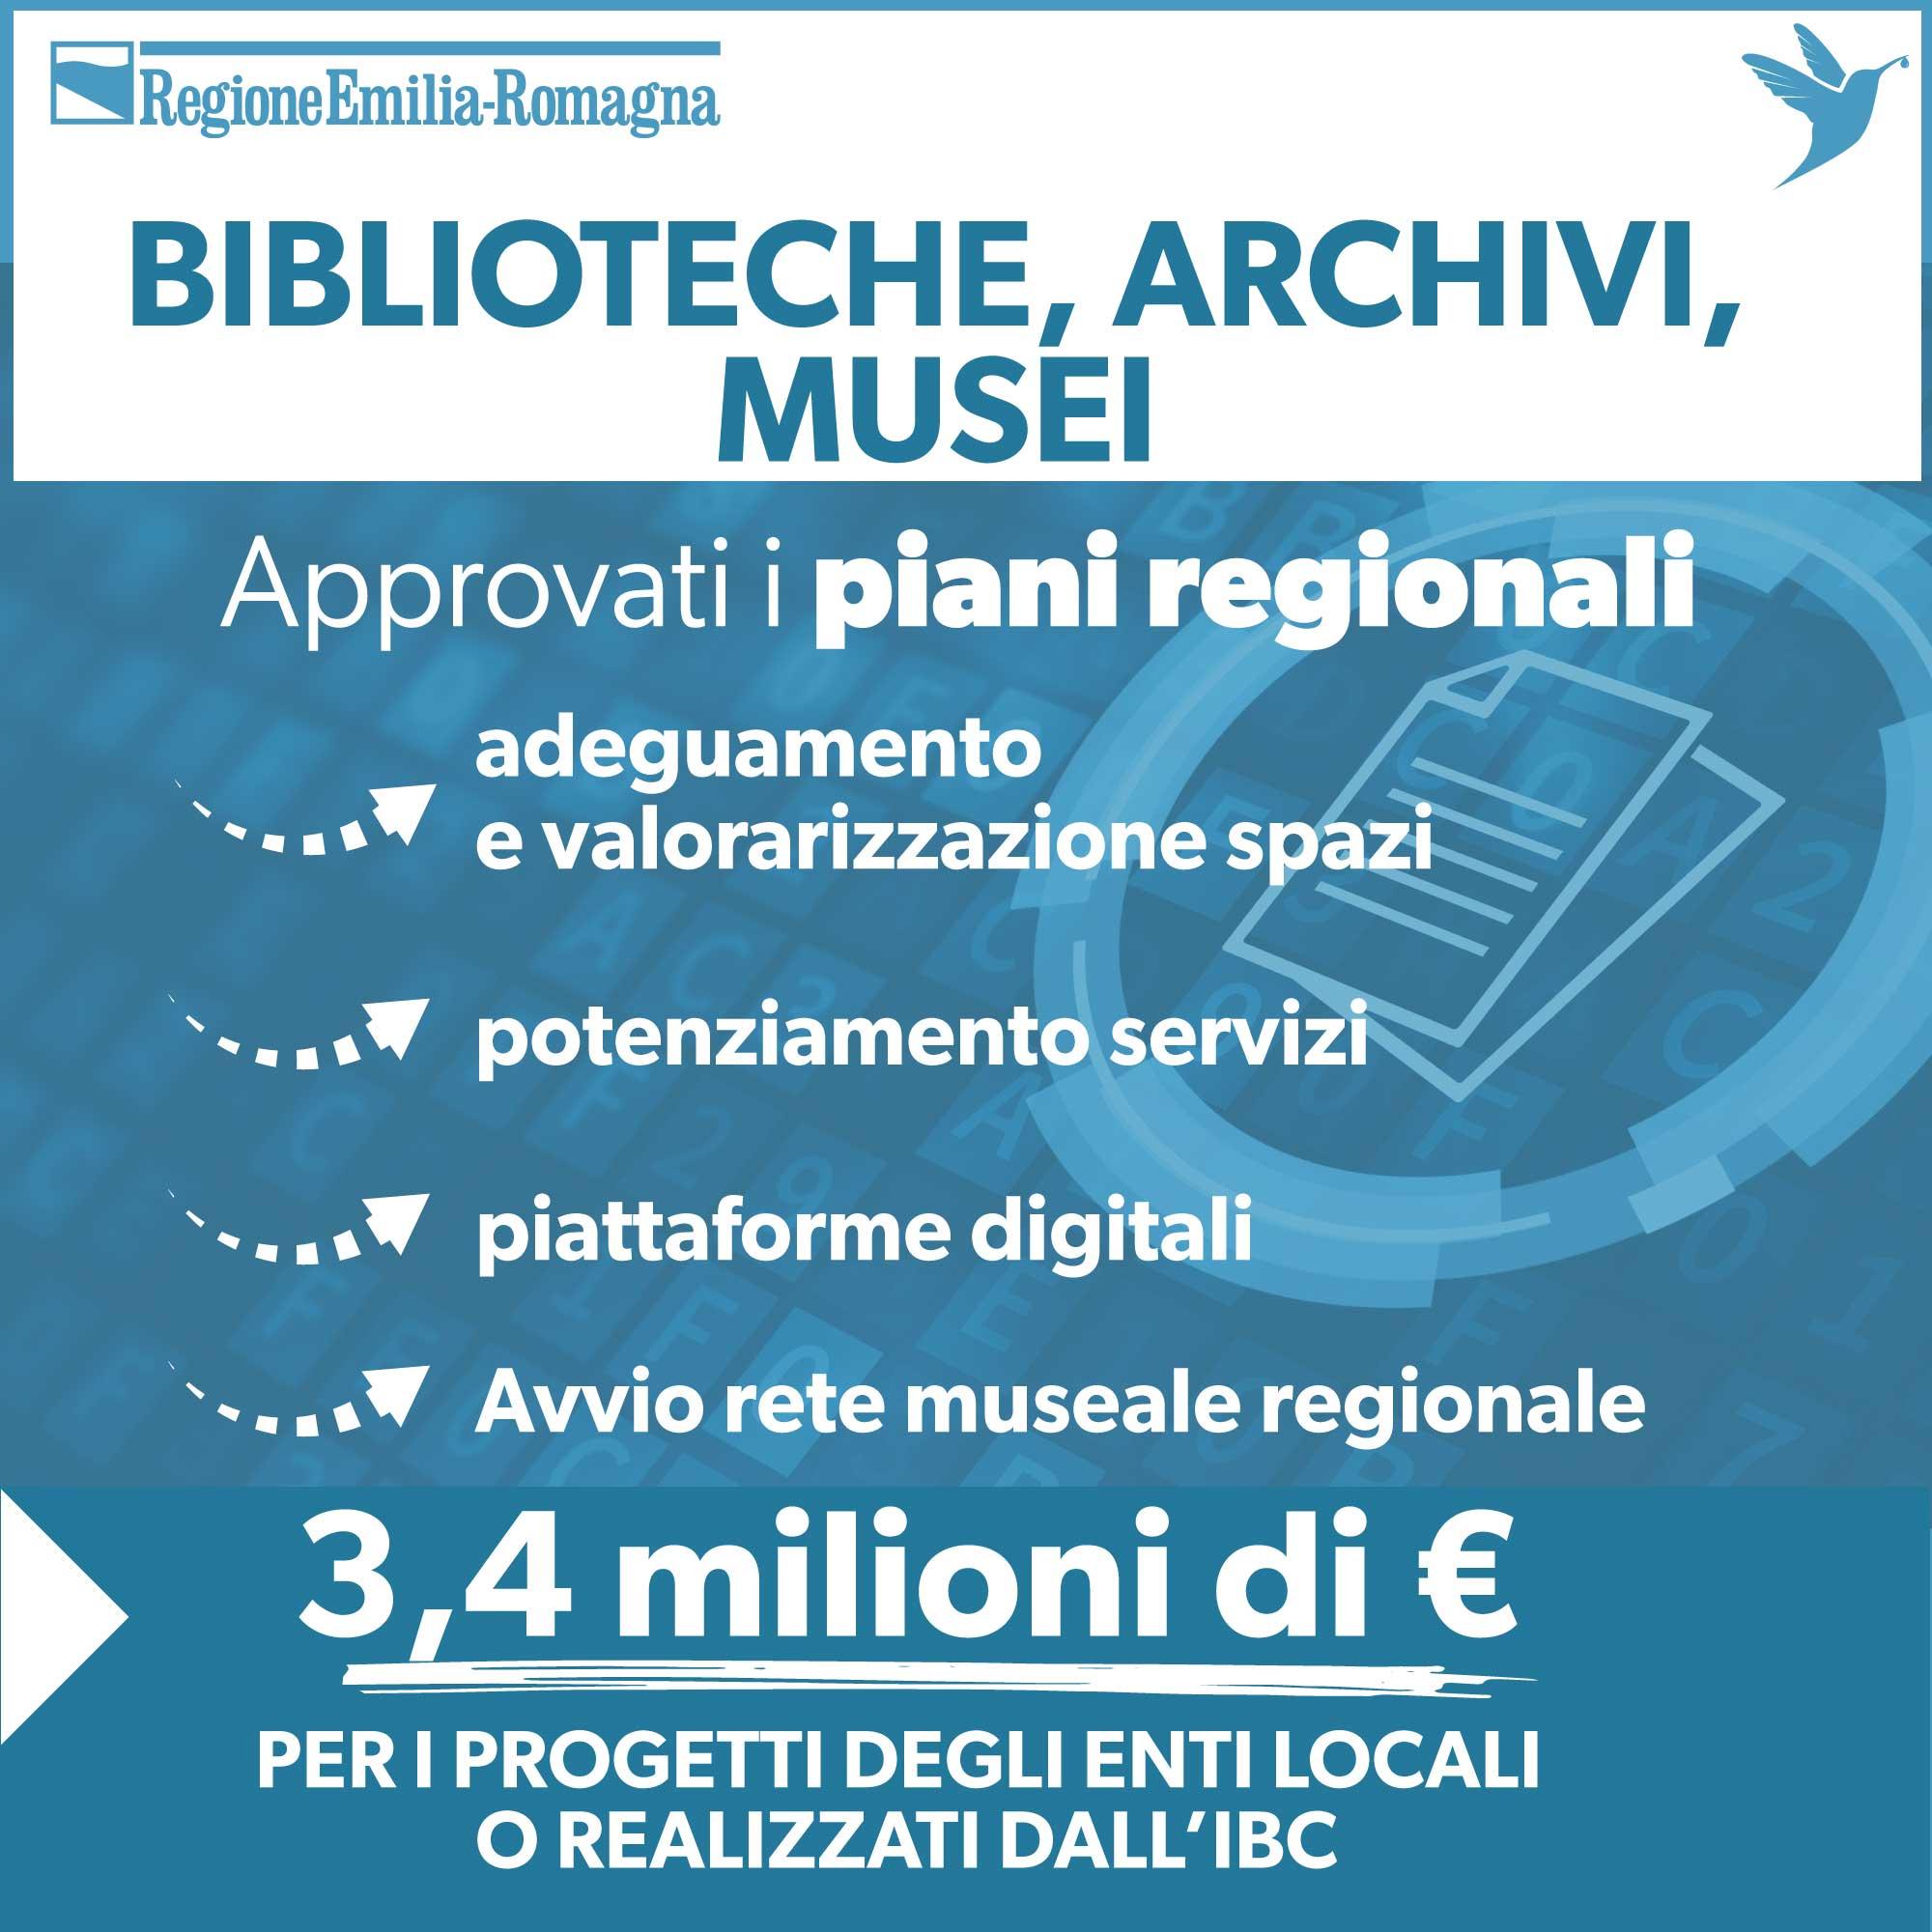 Biblioteche, archivi, musei